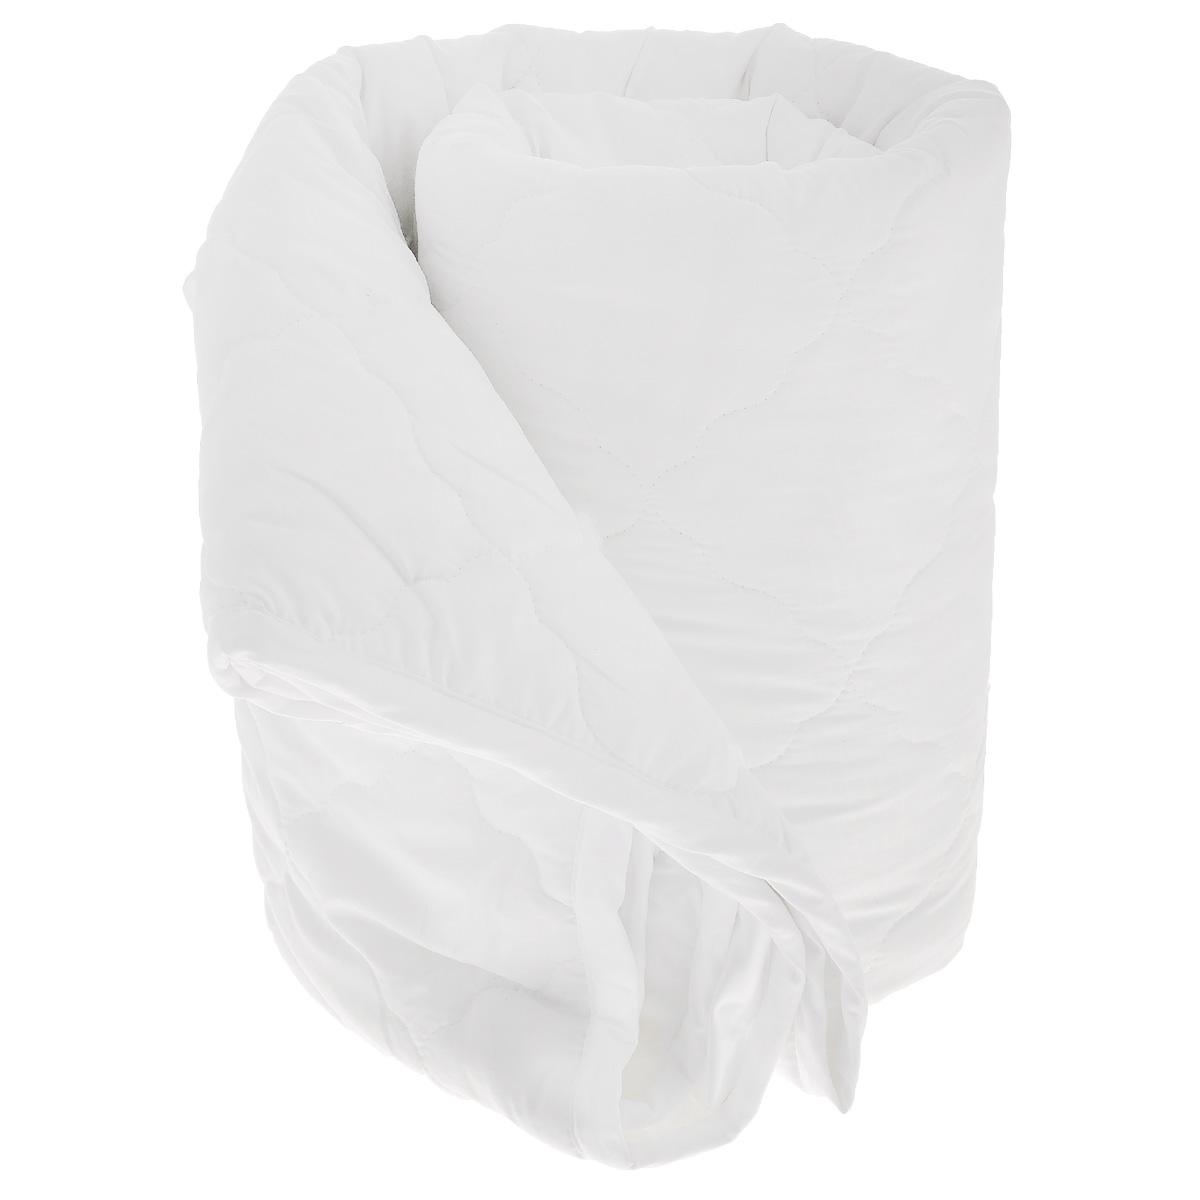 Одеяло La Prima В нежности микрофибры, наполнитель: полиэфирное волокно, цвет: белый, 200 х 220 смS03301004Одеяло La Prima В нежности микрофибры очень легкое, воздушное и одновременно теплое. Идеально подойдет тем, кто ценит мягкость и тепло. Такое изделие подарит комфортный сон. Благодаря особой структуре микроволокна, изделие приобретают дополнительную мягкость и надолго сохраняют свой первоначальный вид. Чехол одеяла выполнен из шелковистой микрофибры, оформленной изящным фактурным теснением под кожу рептилий. Наполнитель - полиэфирное волокно - холлотек. Изделие обладает высокой воздухопроницаемостью, прекрасно сохраняет тепло. Оно гипоаллергенно и очень практично и неприхотливо в уходе. Ручная стирка при температуре 30°С. Материал чехла: 100% полиэстер - микрофибра.Наполнитель: полиэфирное волокно - холлотек.